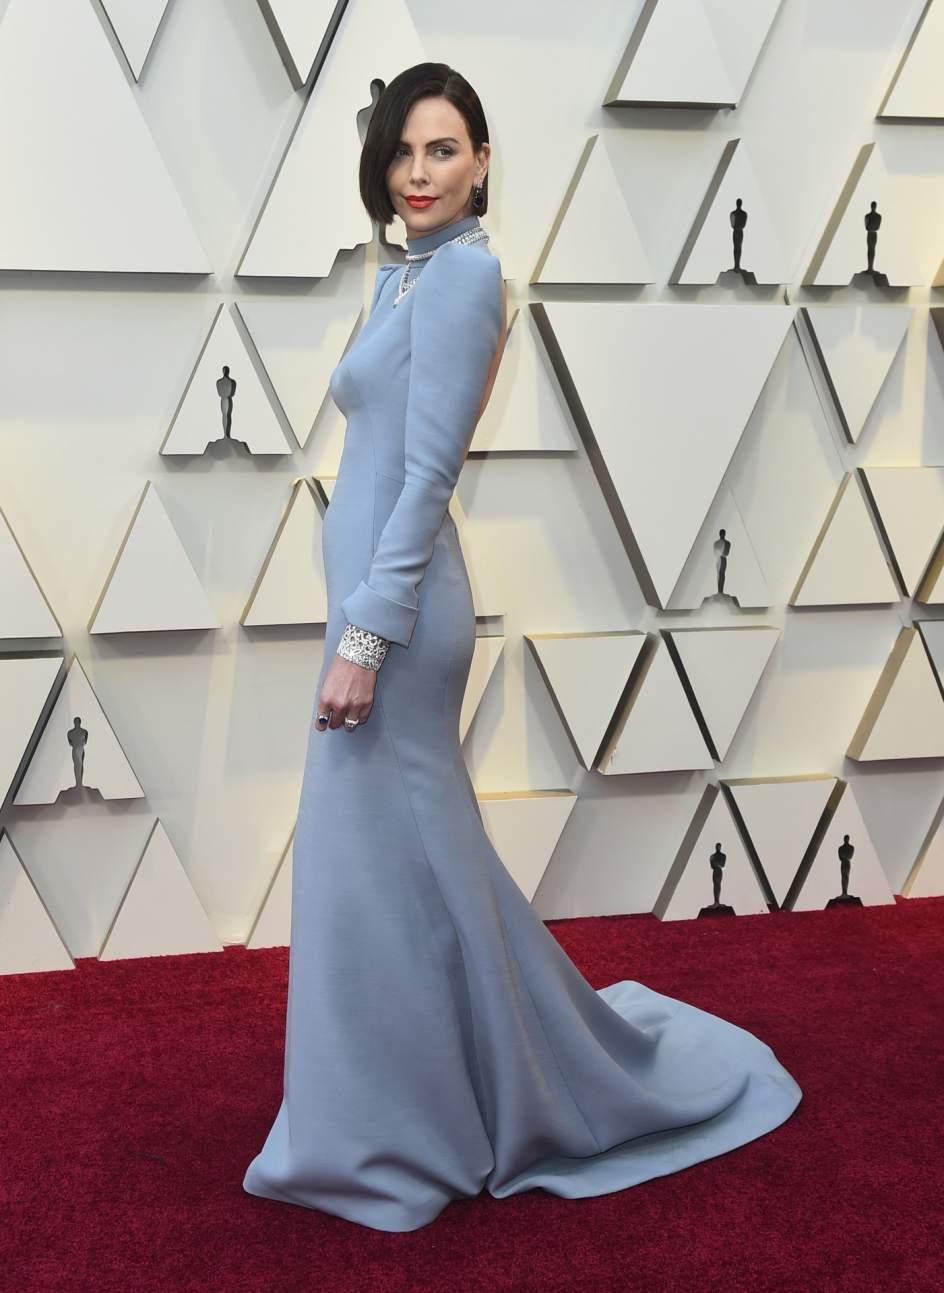 893578 944 1293 - Nuestros favoritos y no tan favoritos de la red carpet en los Oscar 2019